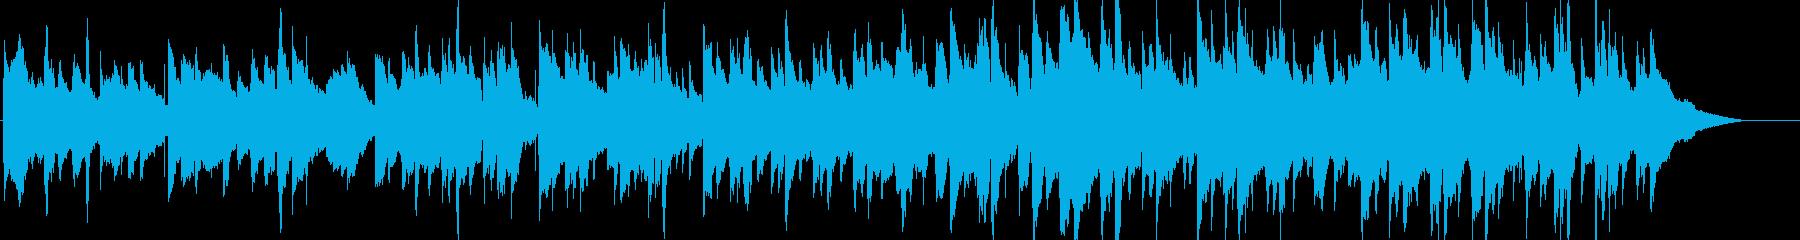 アコギメインののんびりしたリゾートBGMの再生済みの波形